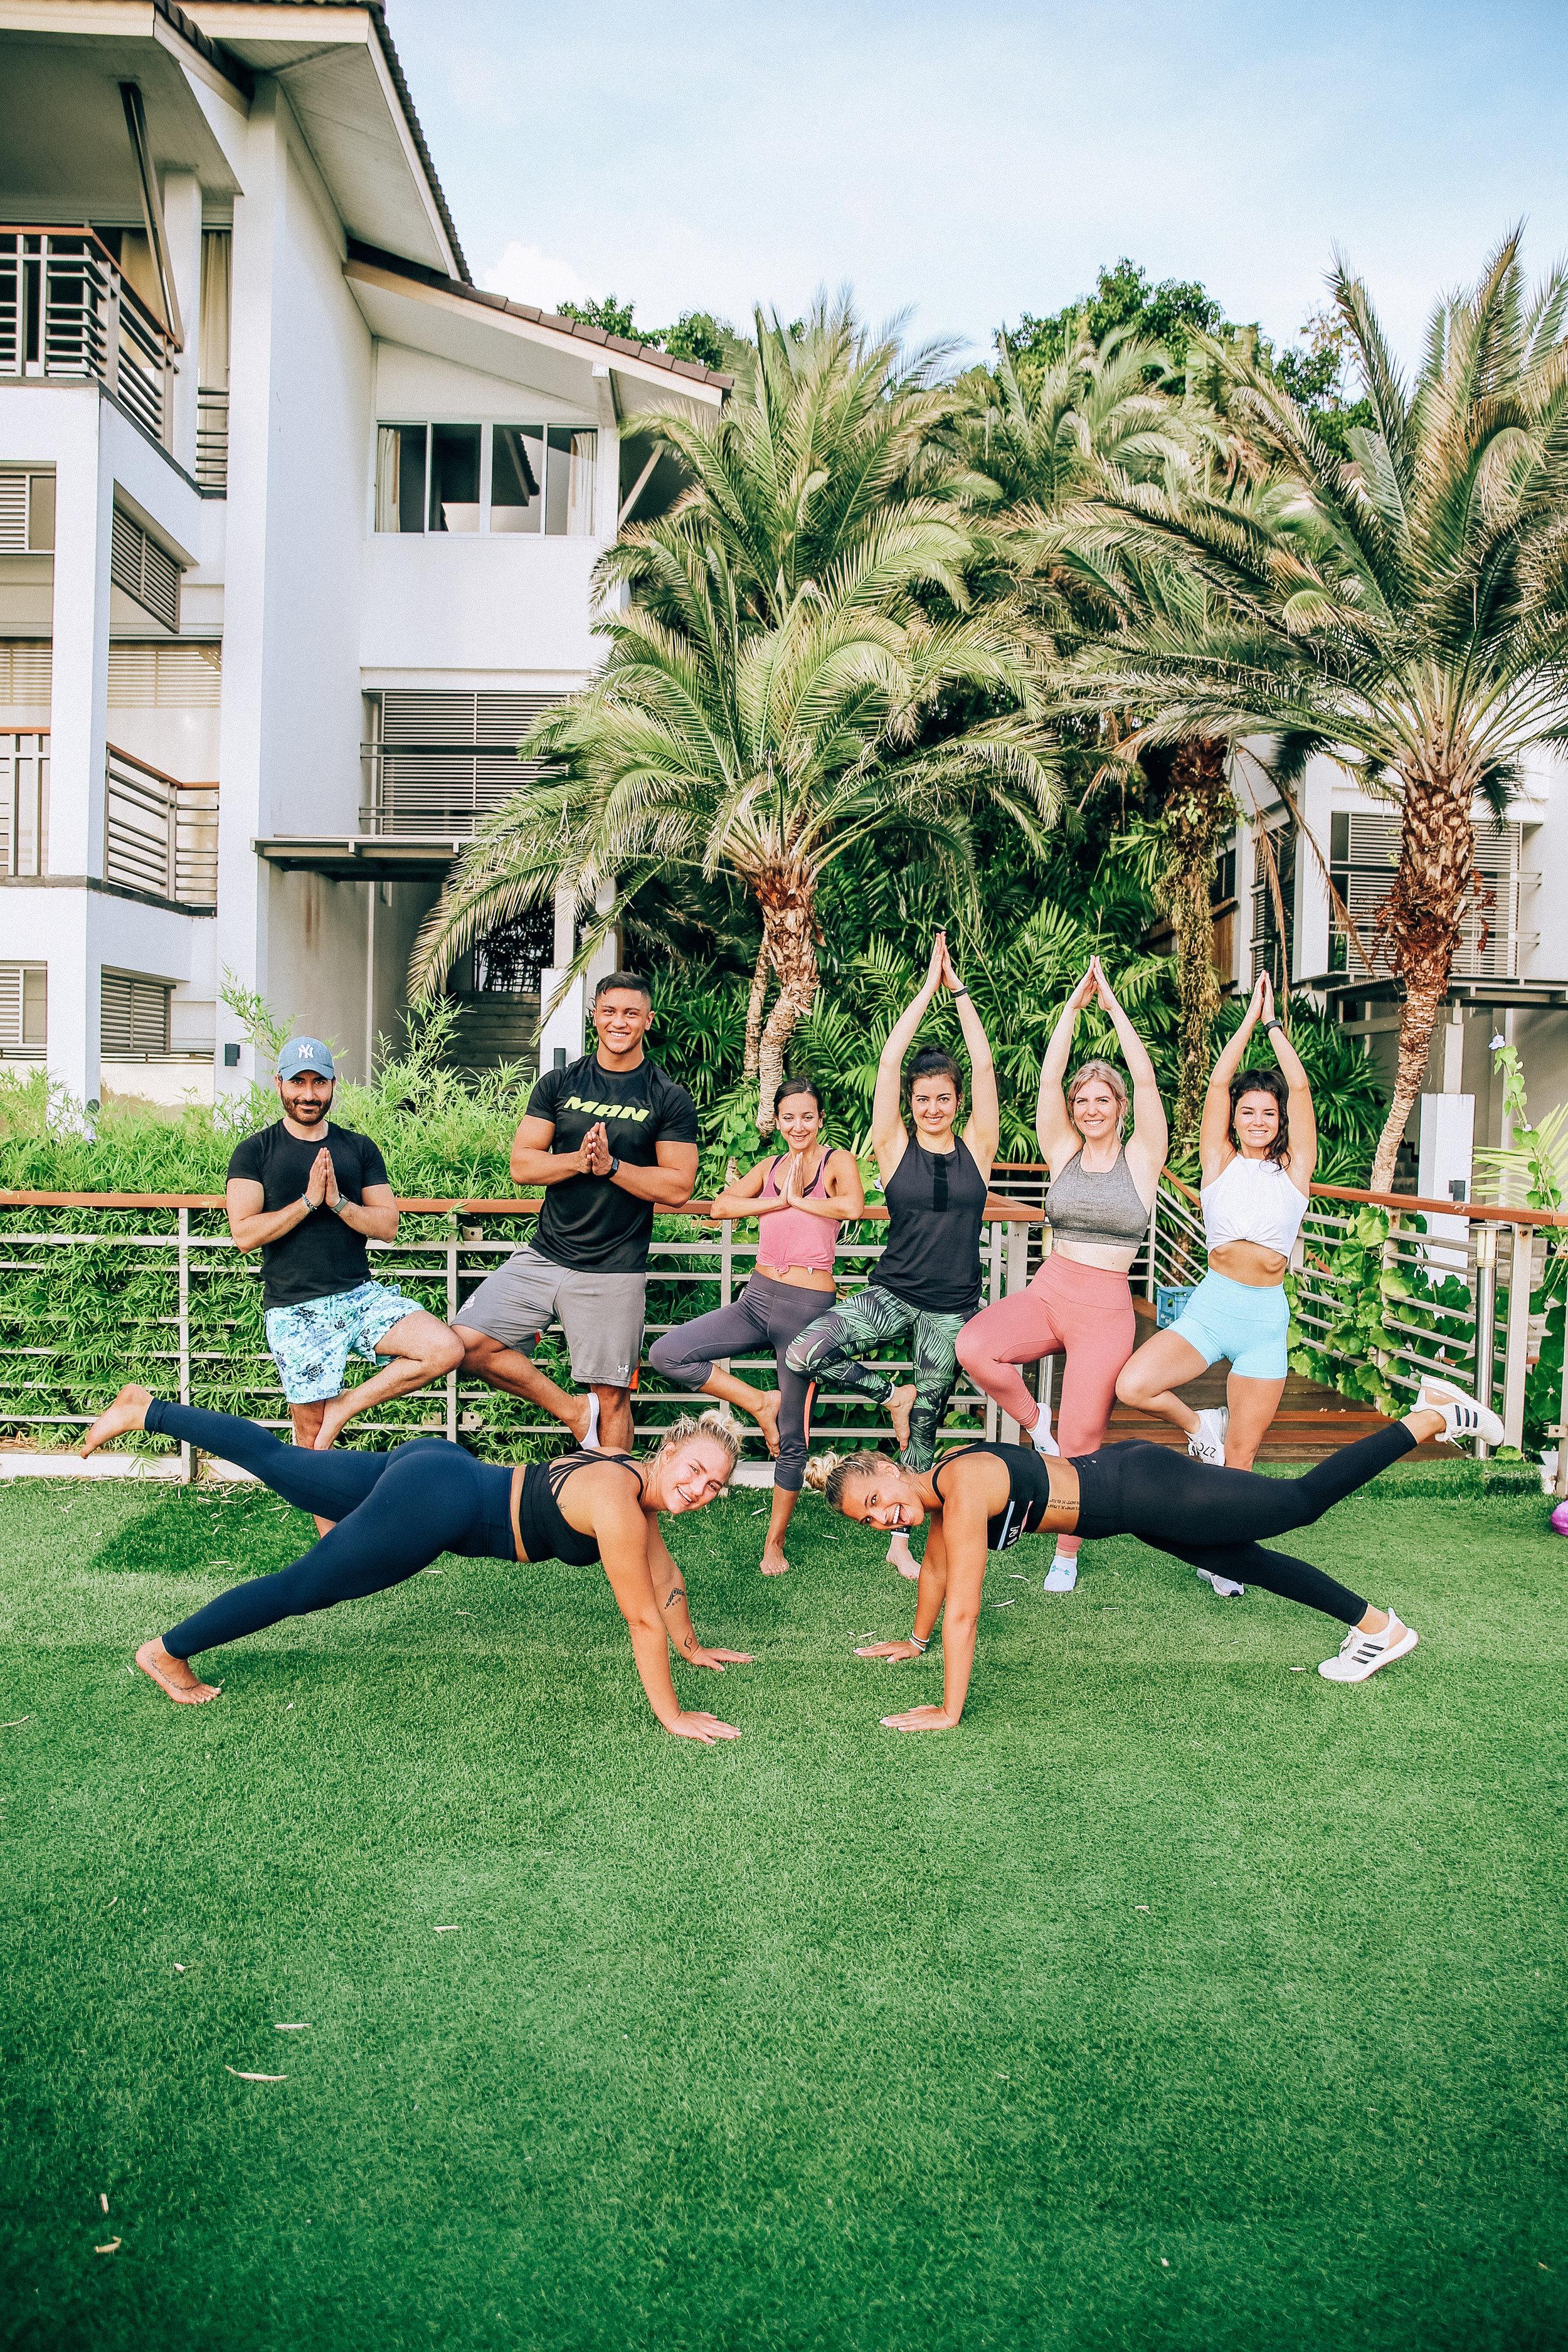 Mantra Samui resort Koh Samui